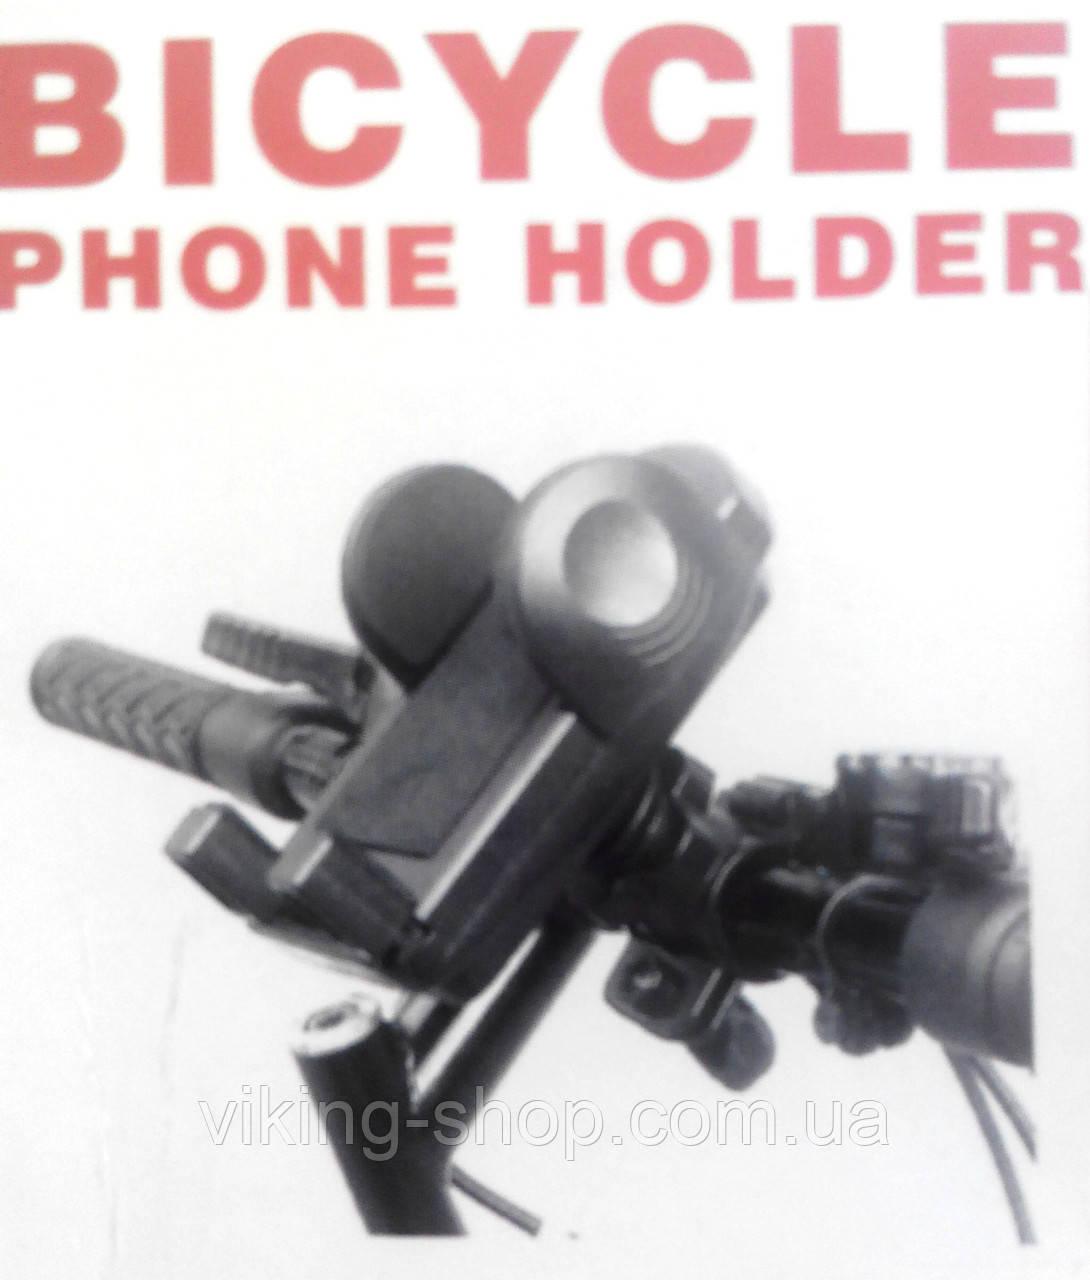 Велосипедный держатель для мобильного телефона